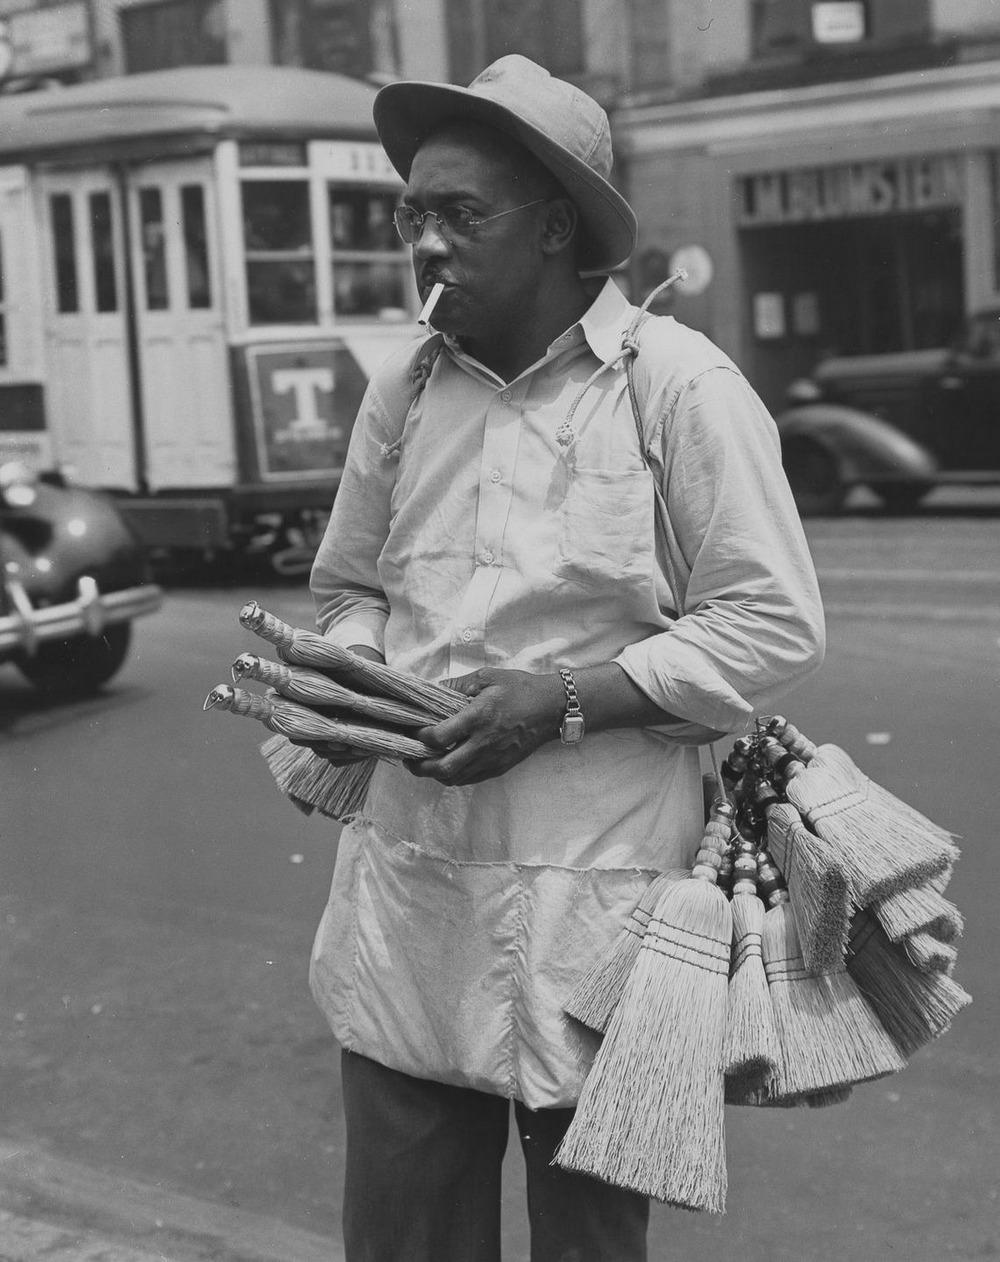 Тодд Уэбб - культовый уличный фотограф, который не захотел становиться знаменитым 42